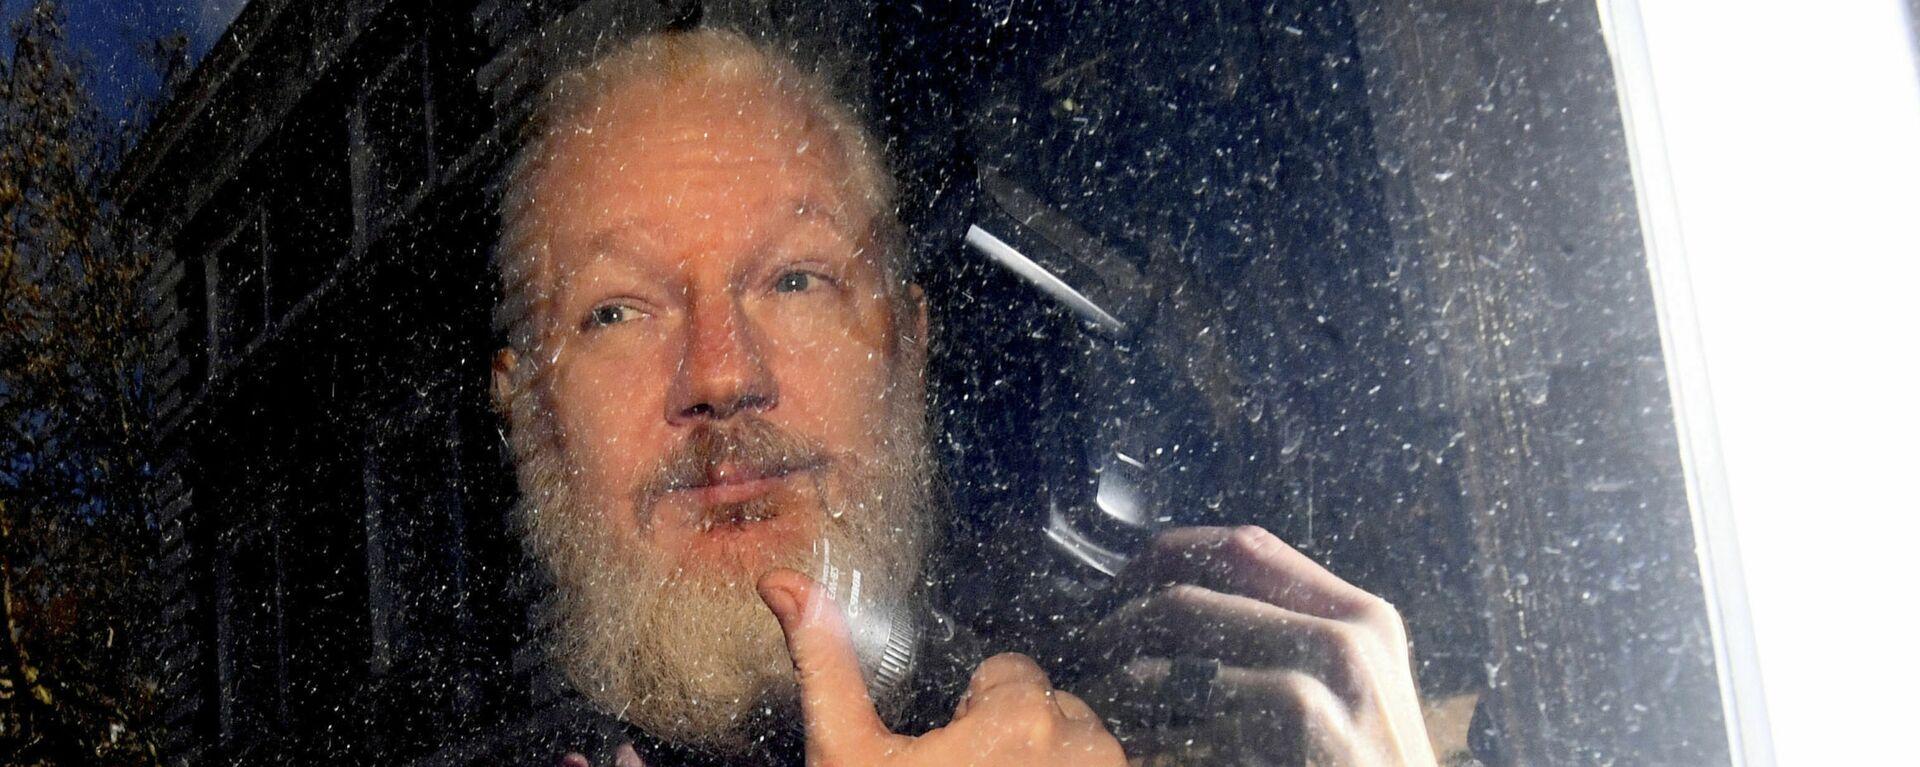 Zakladatel WikiLeaks Julian Assange - Sputnik Česká republika, 1920, 29.09.2021